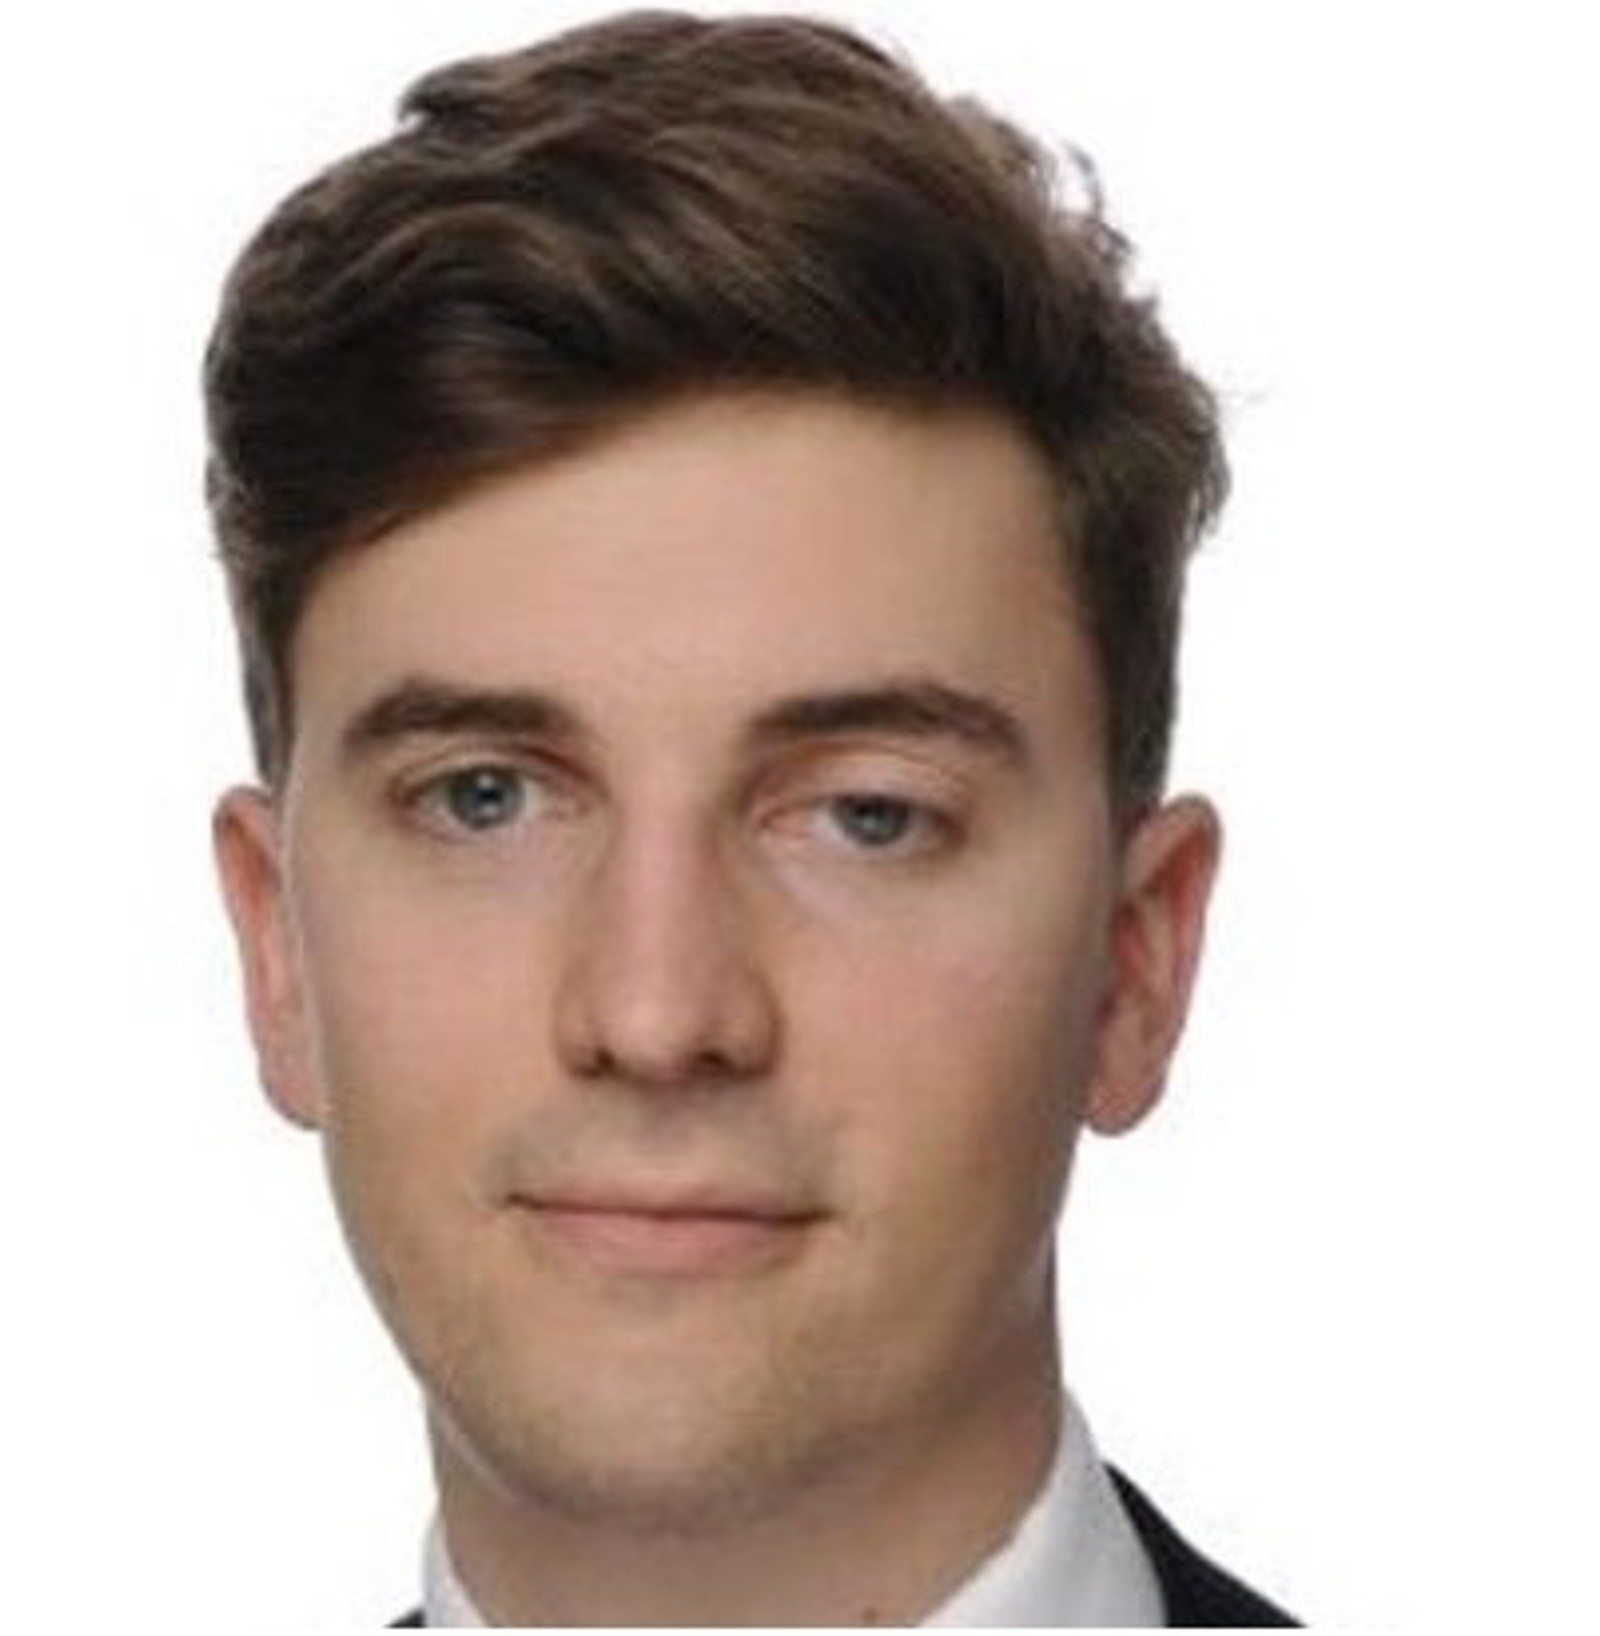 DREPT: Valentin Ribet (26) studerte juss og jobbet for advokatfirmaet Hogan Lovells i Paris. Han blir beskrevet som en intelligent og pålitelig mann. Ribet ble drept på konsert i Bataclan.